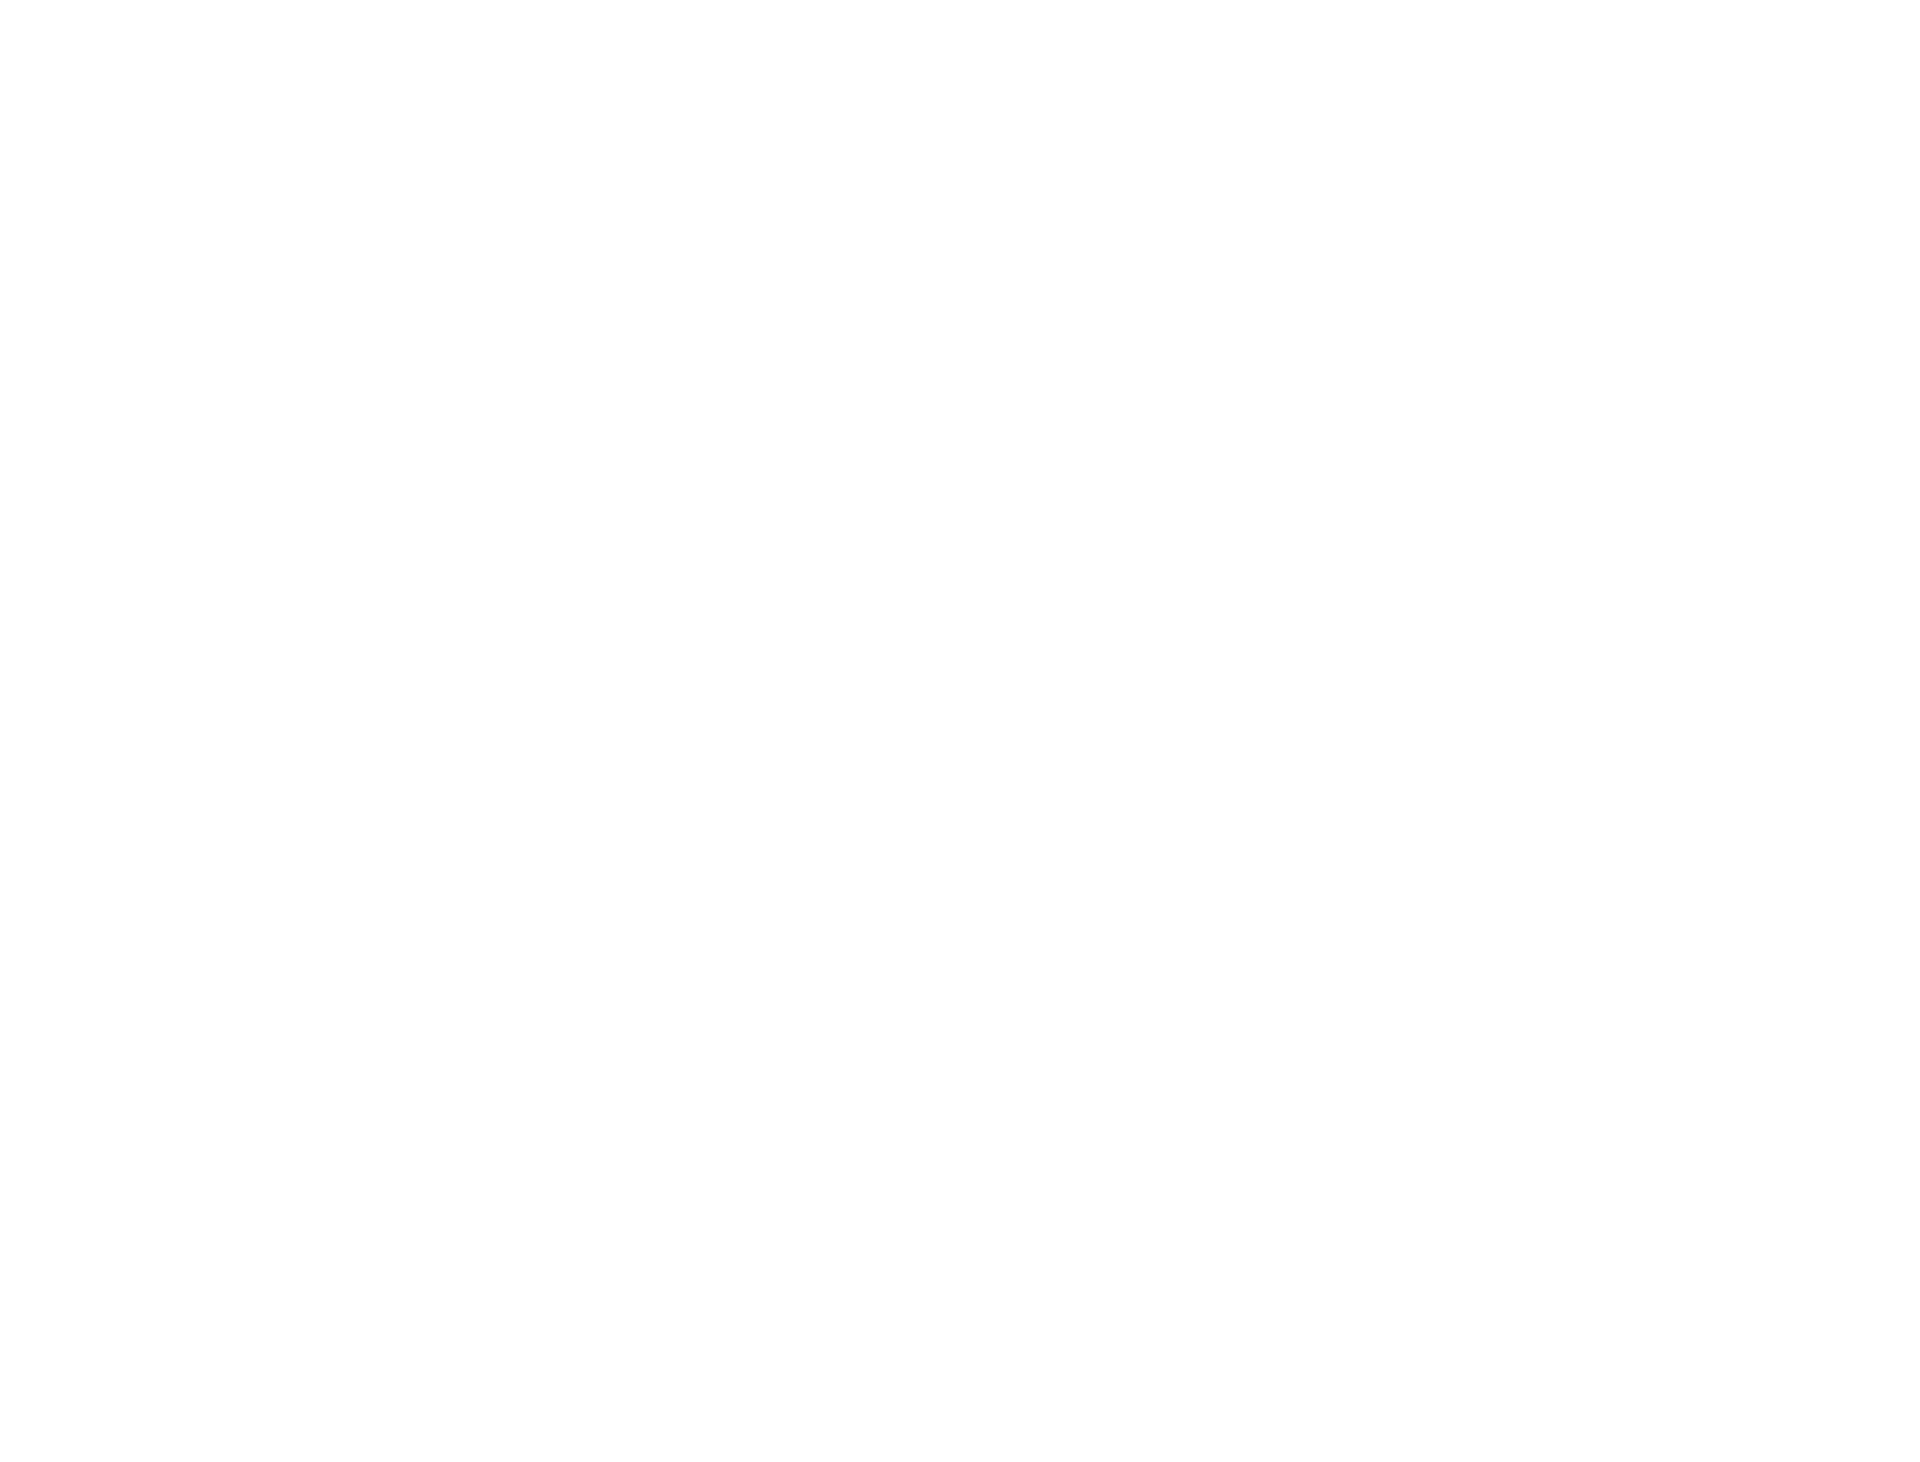 ラーメン凪商品画像